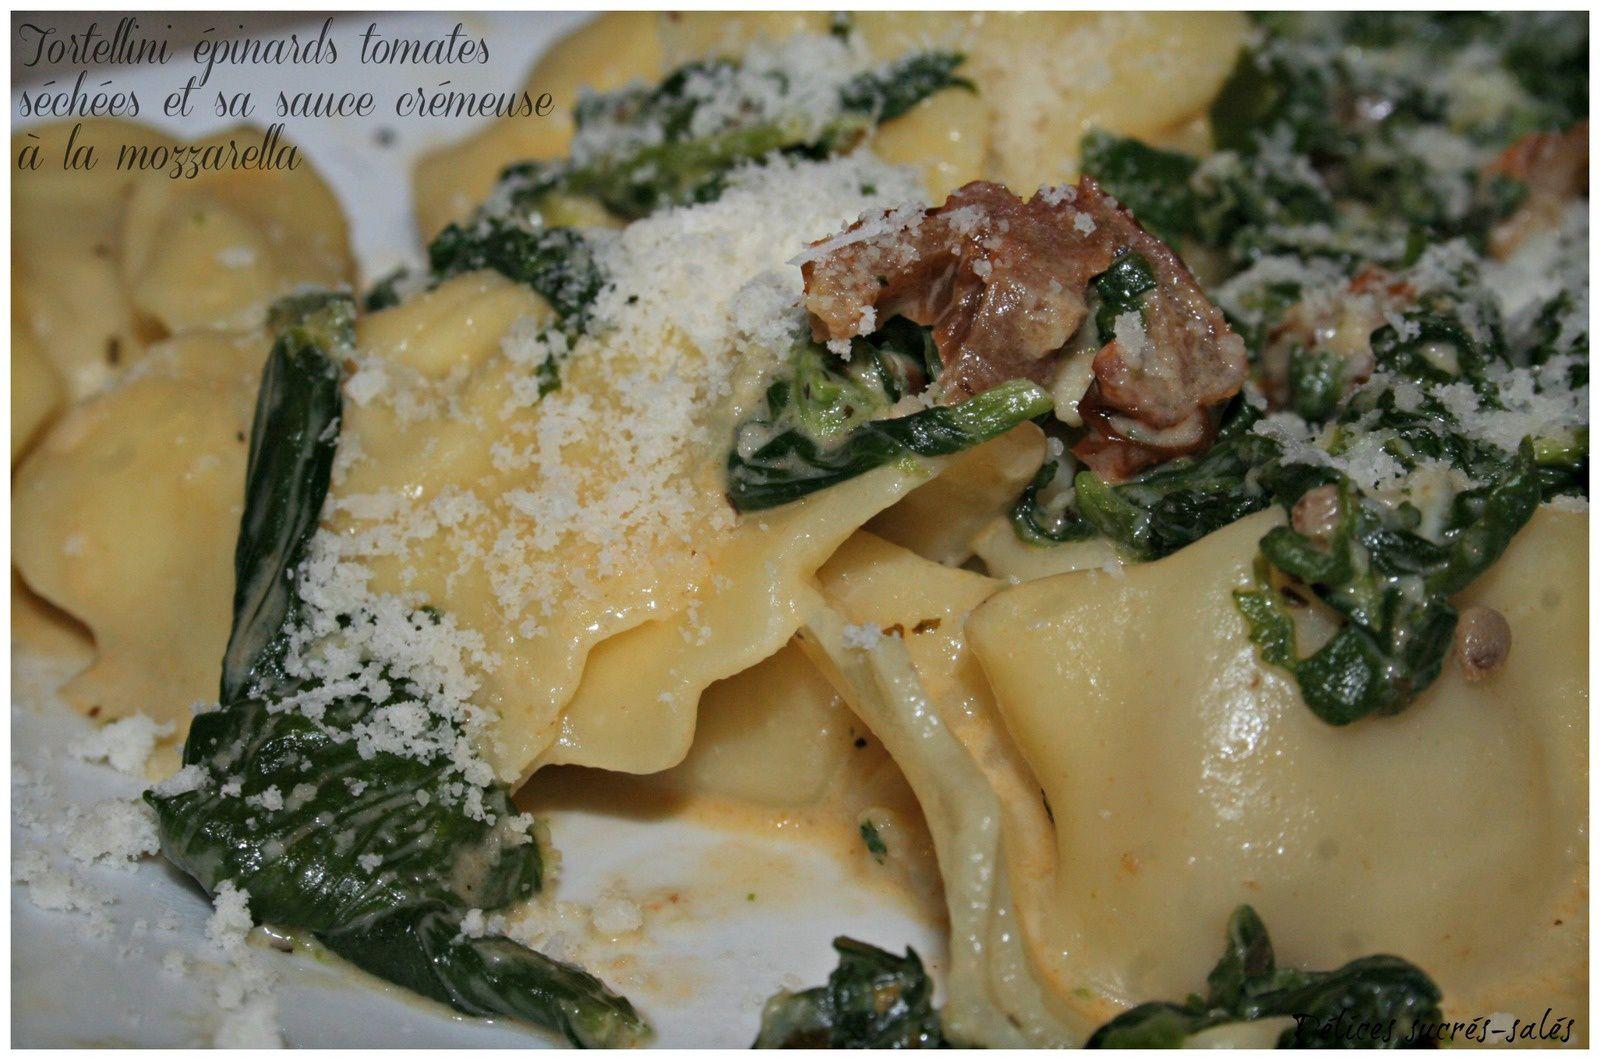 Tortellini épinards tomates séchées et sa sauce crémeuse à la mozzarella